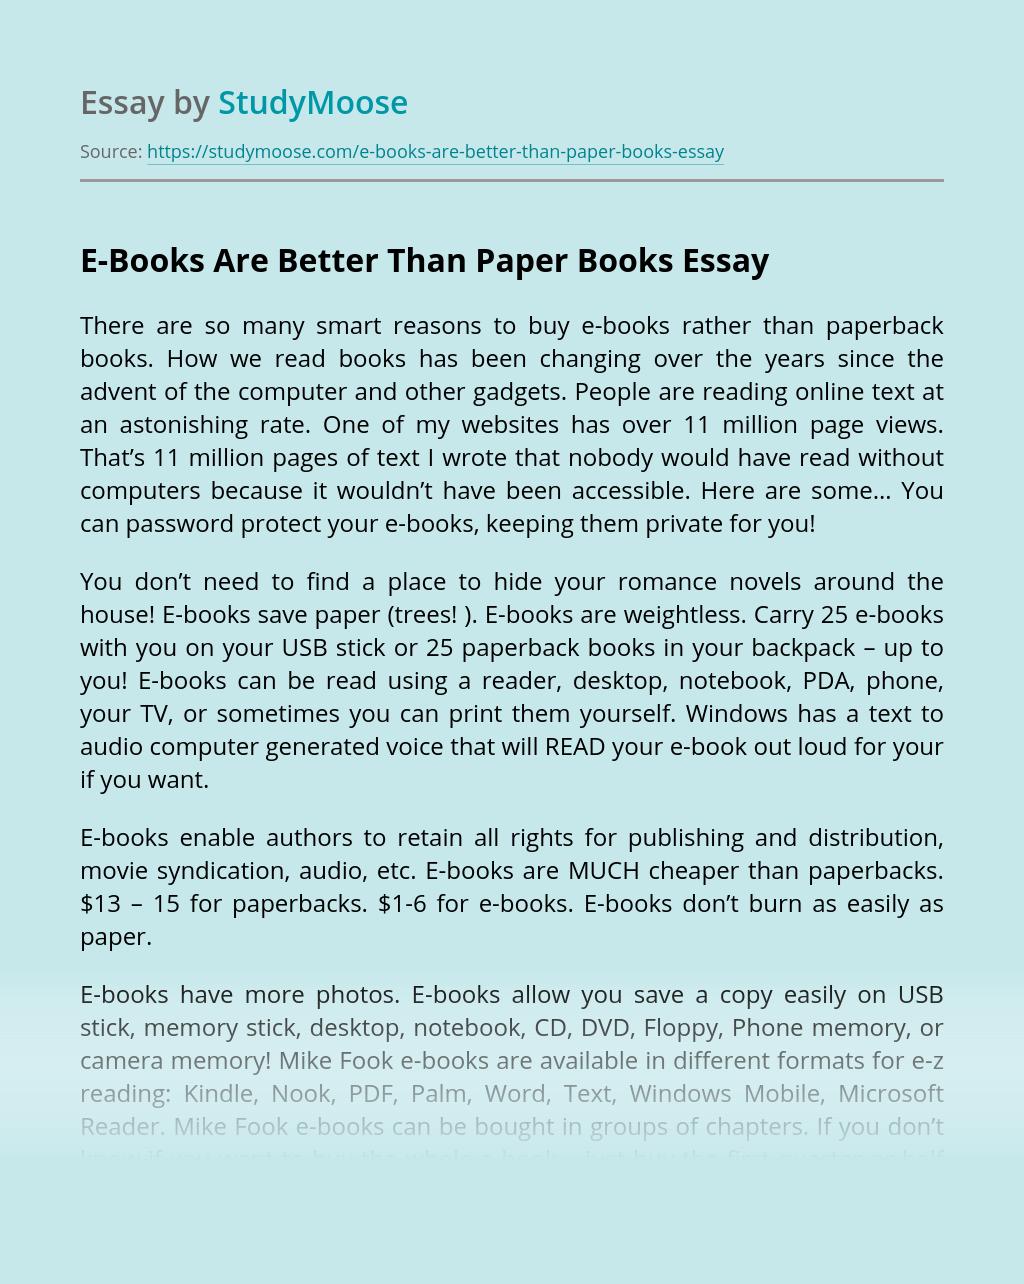 E-Books Are Better Than Paper Books